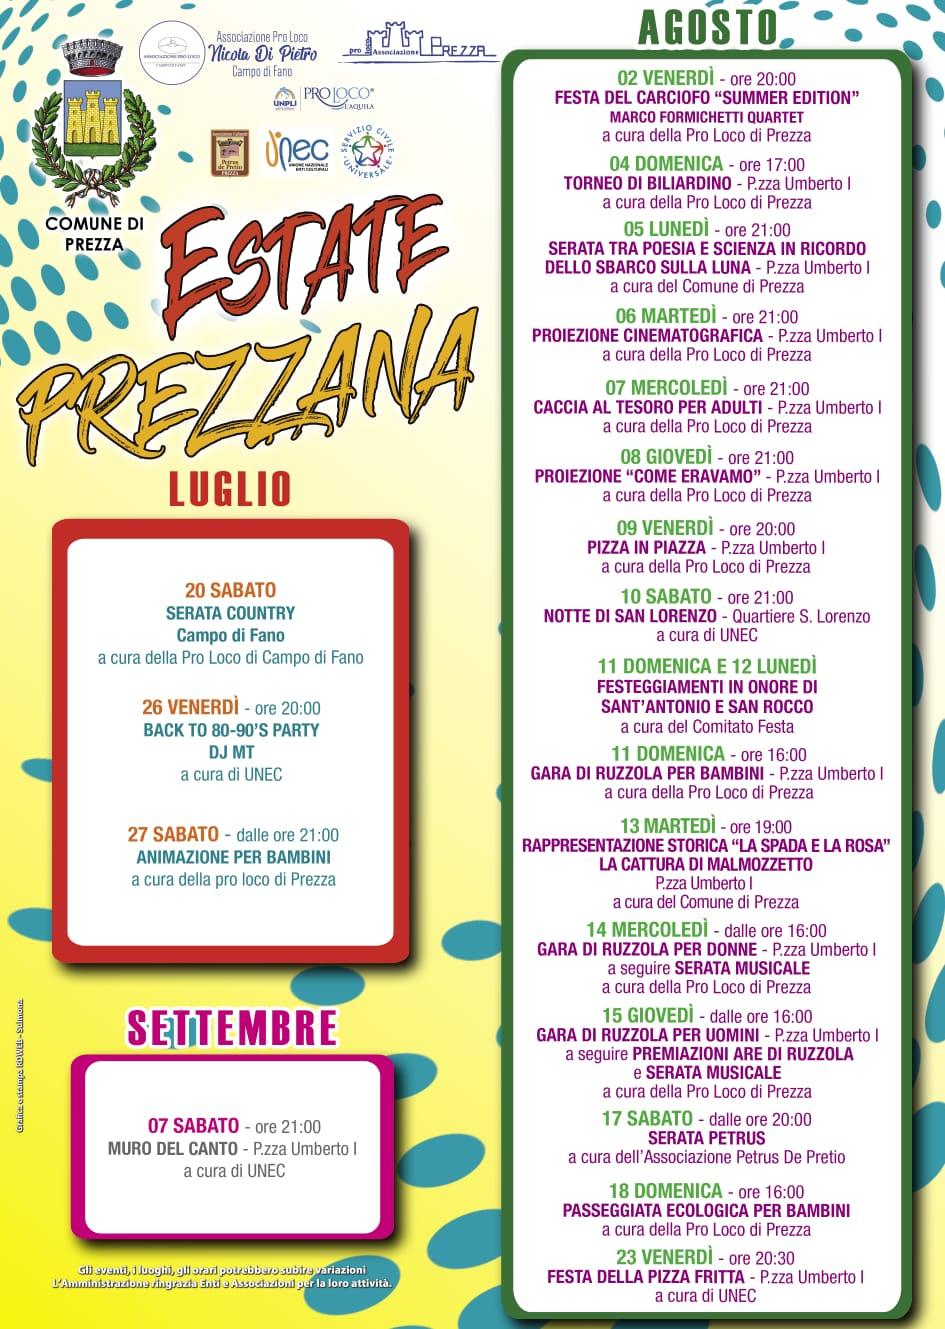 Transiberiana Dabruzzo Calendario 2020.Centroabruzzonews Calendario Eventi